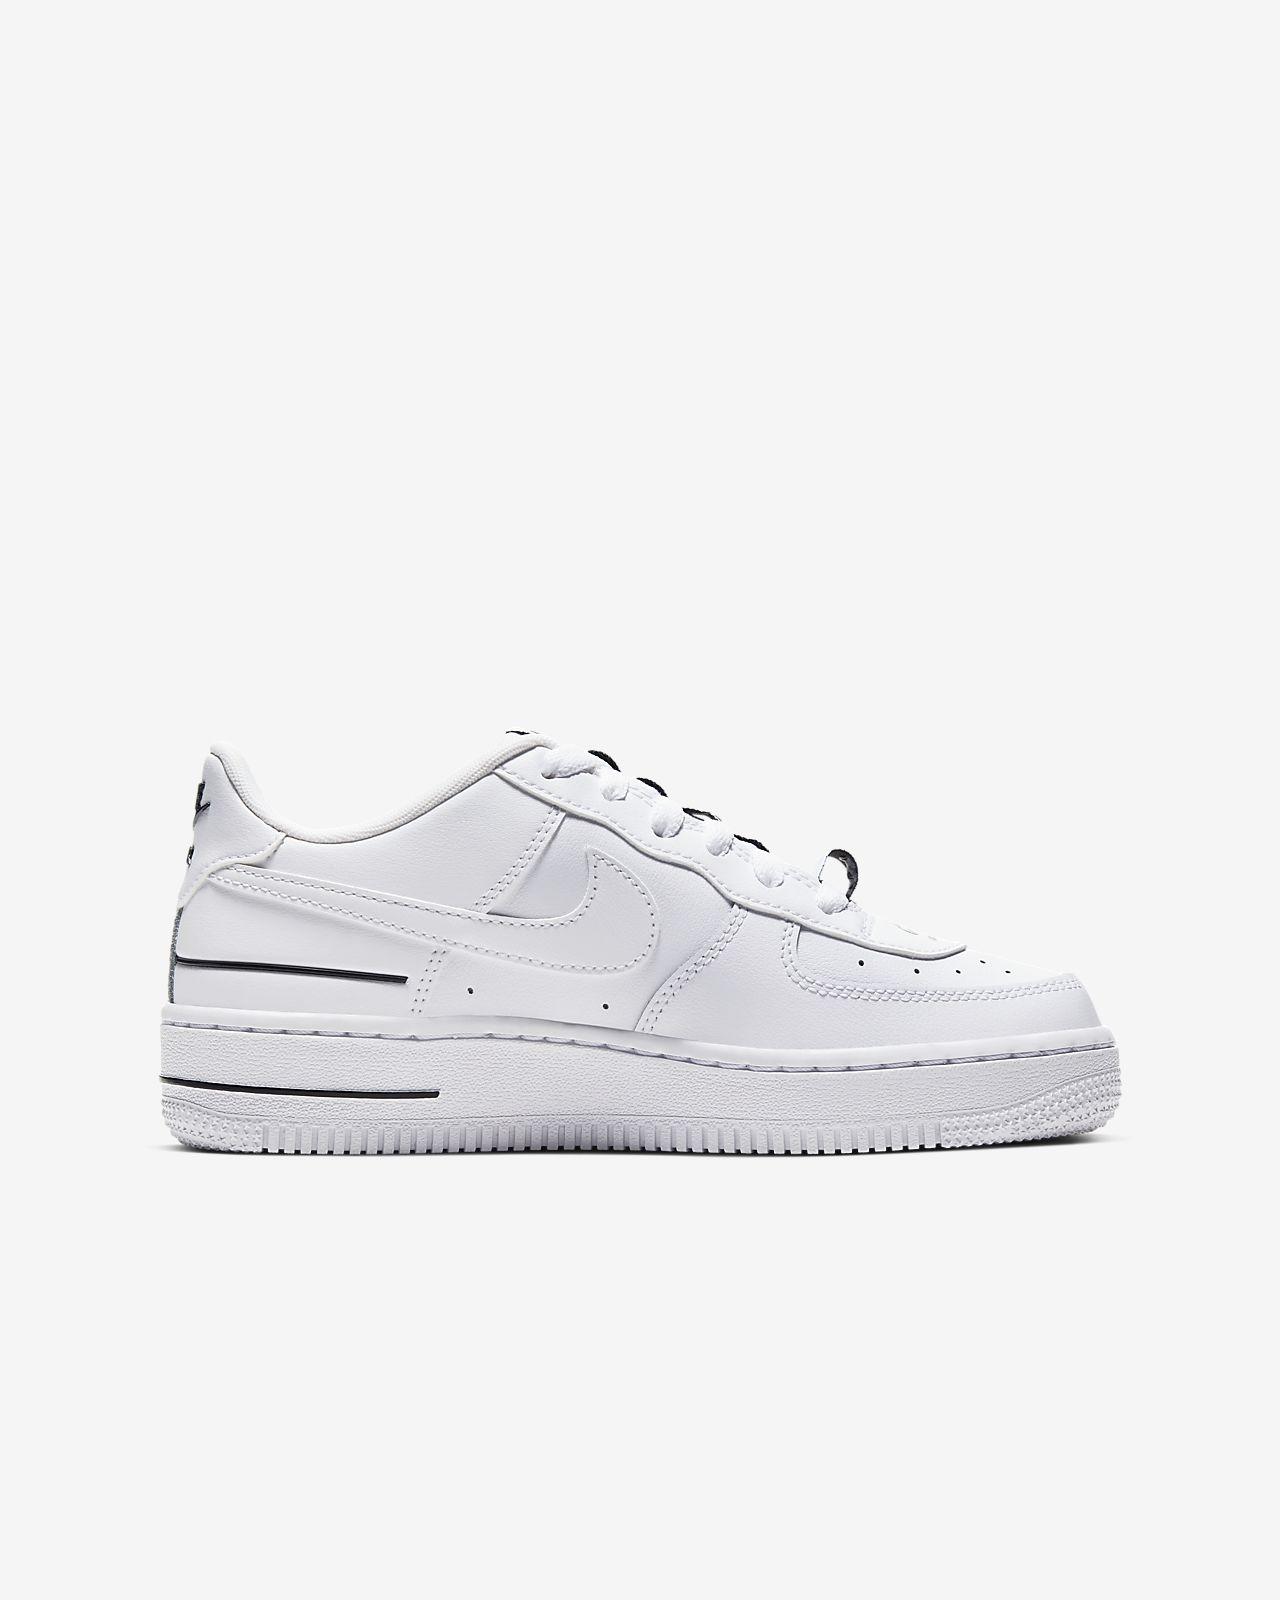 Sapatilhas Nike Air Force 1 LV8 3 Júnior